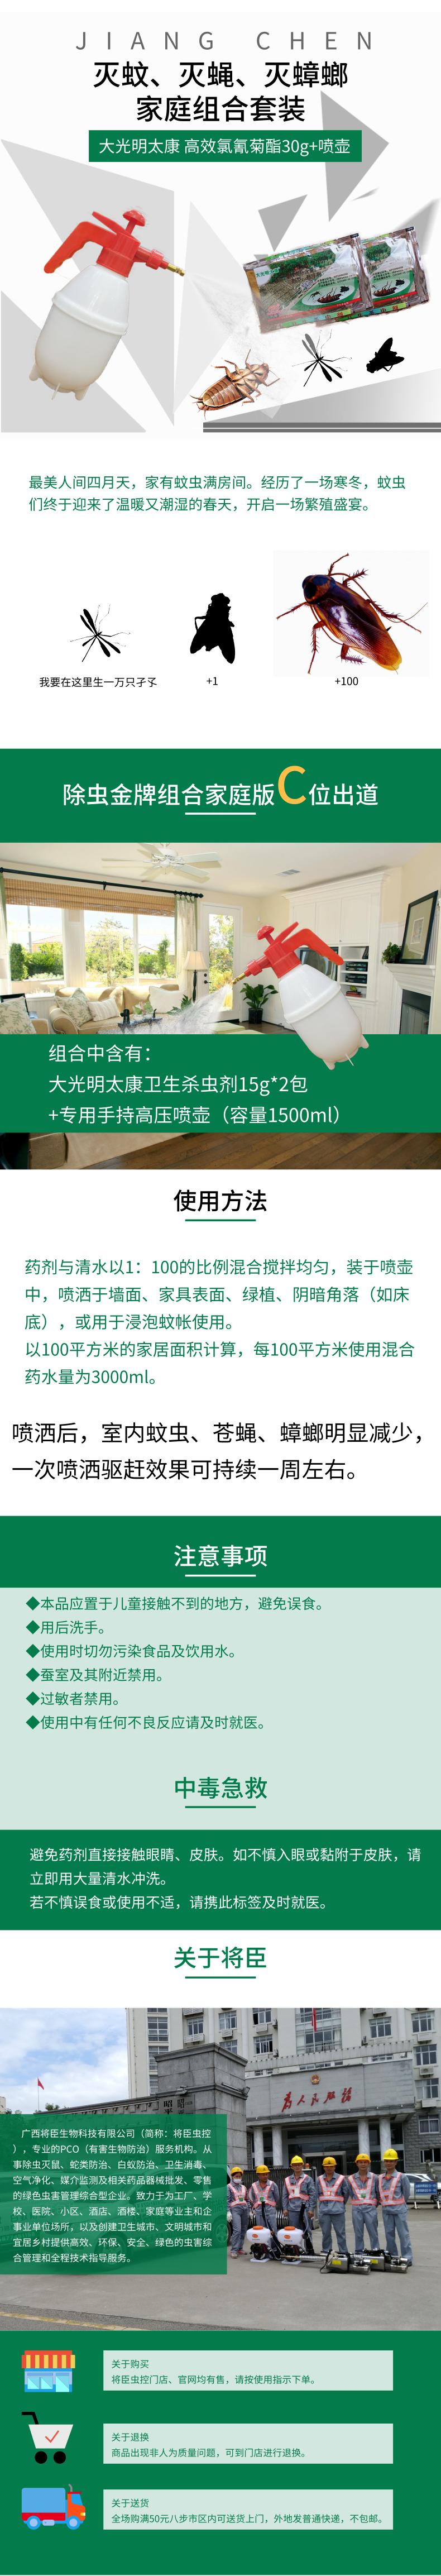 副本_副本_未命名_自定义px_2019.04.22-1